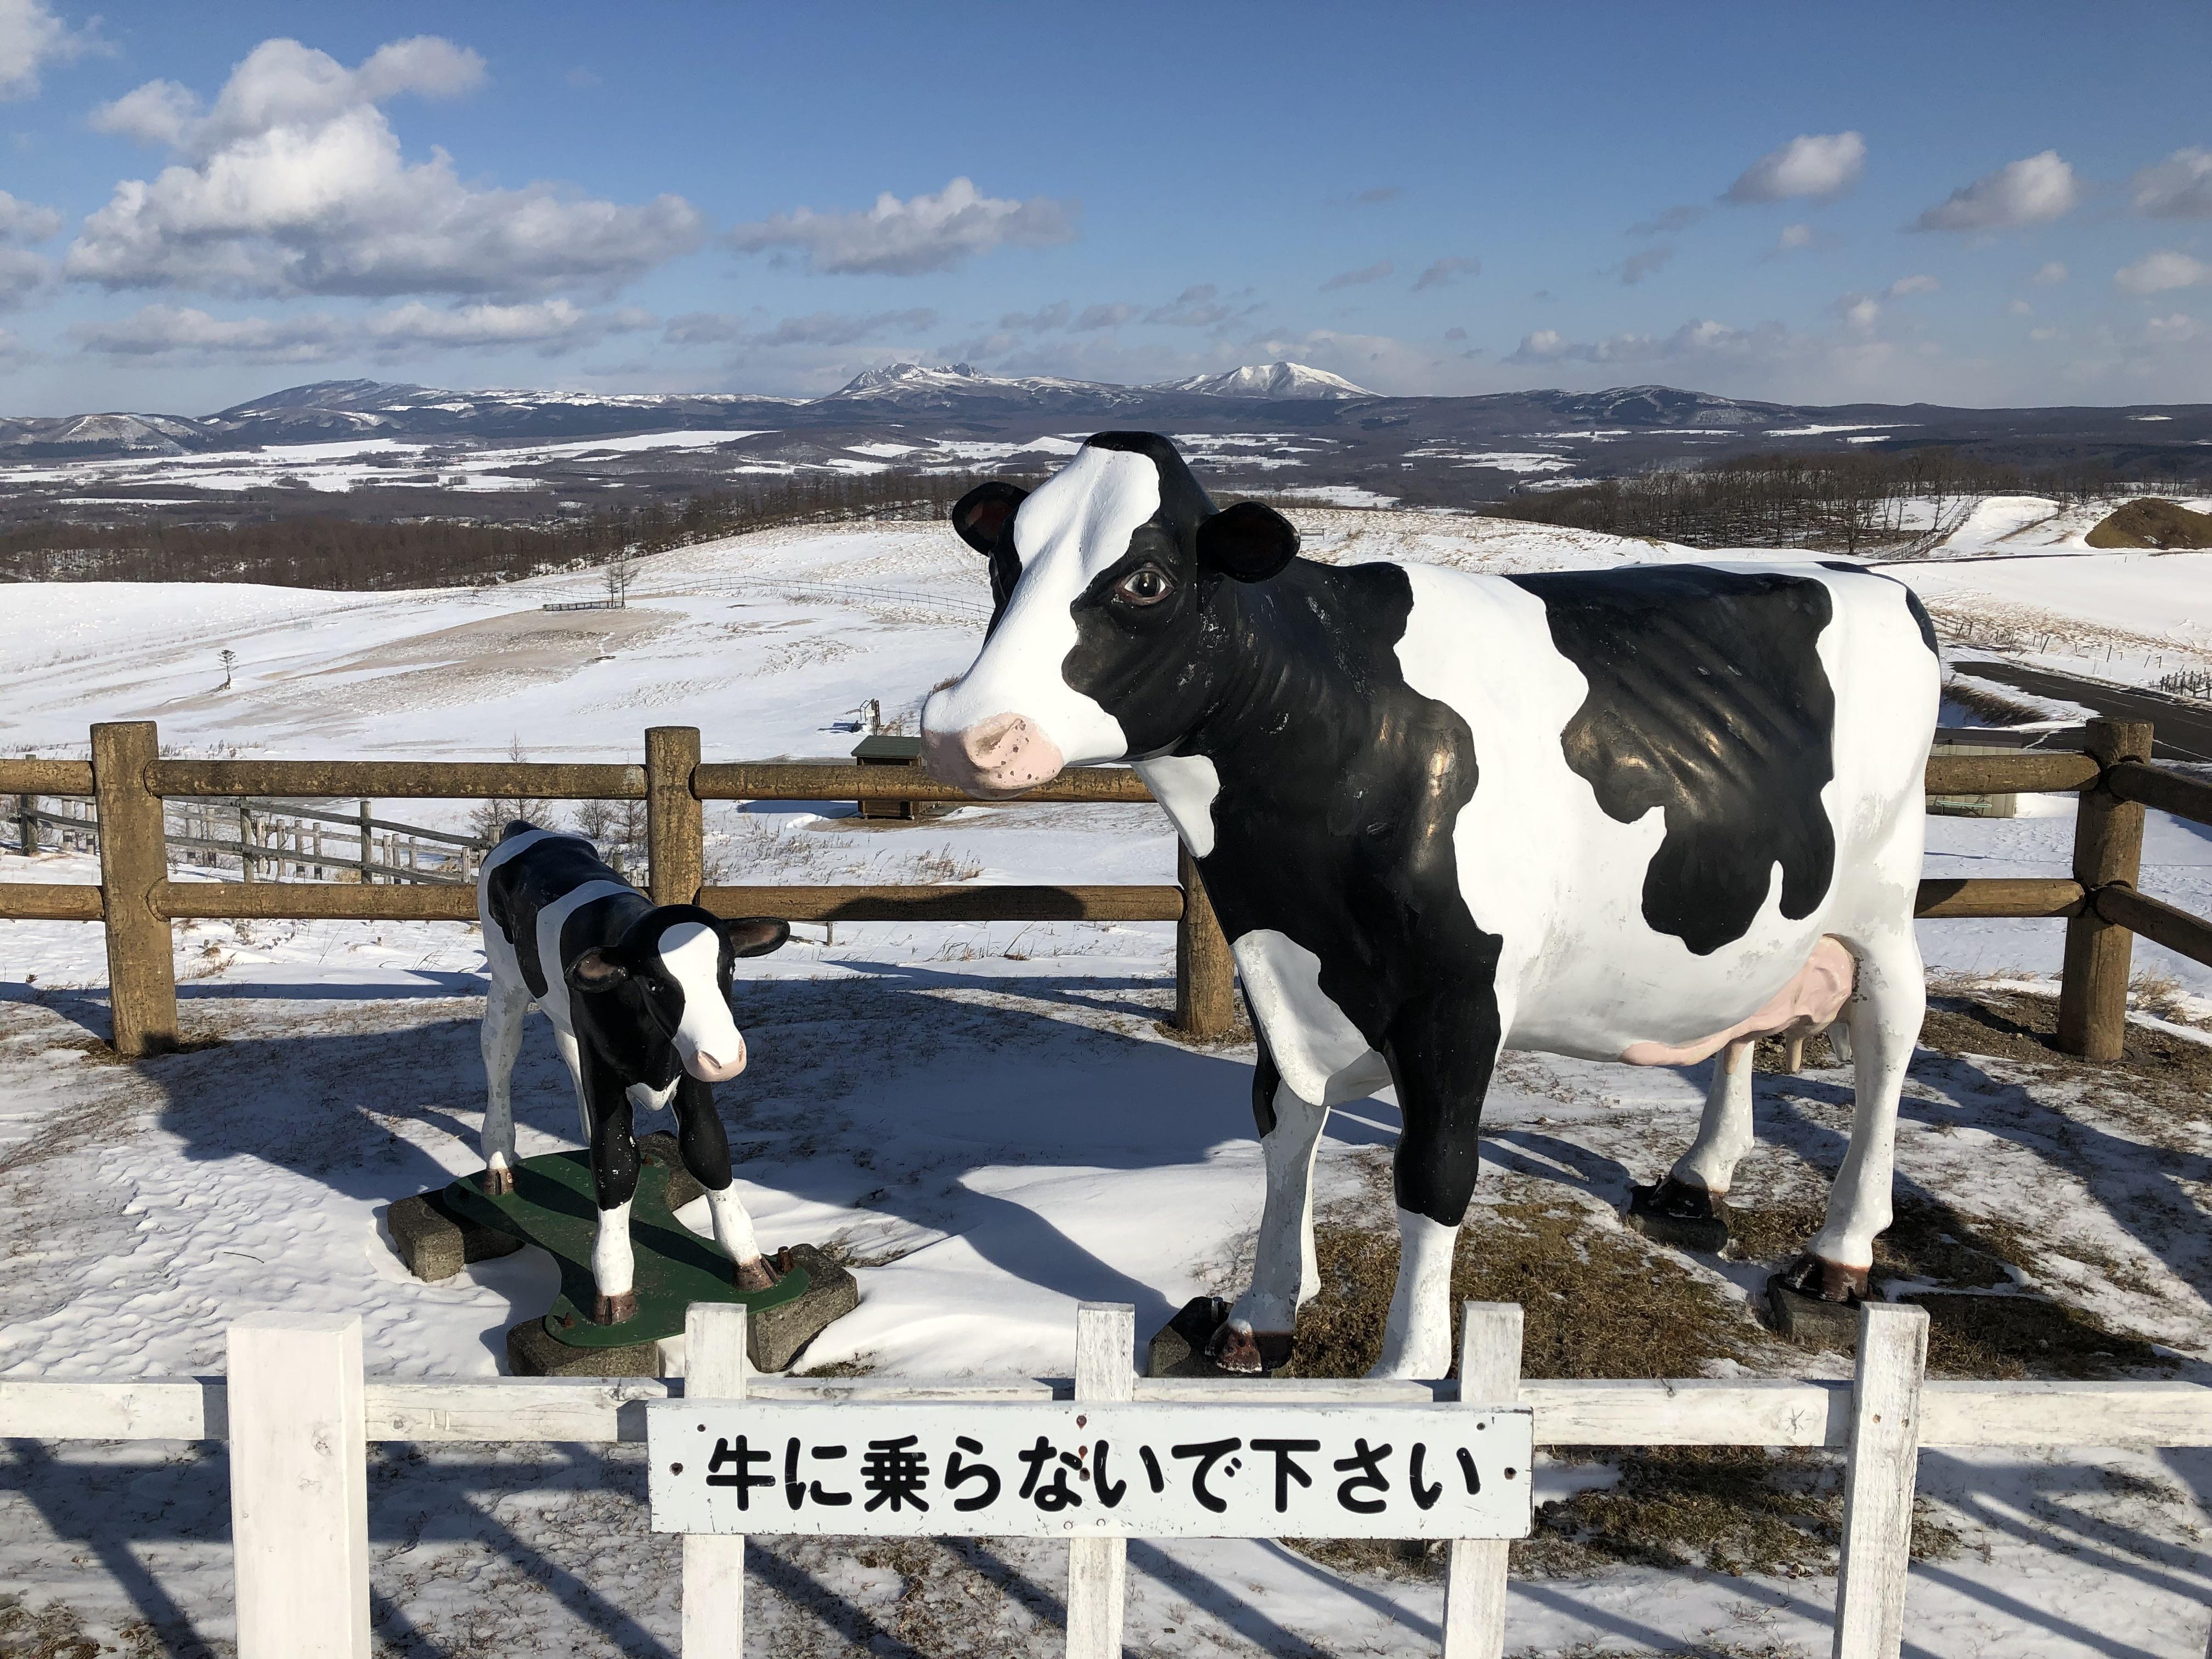 牛に乗らないでください